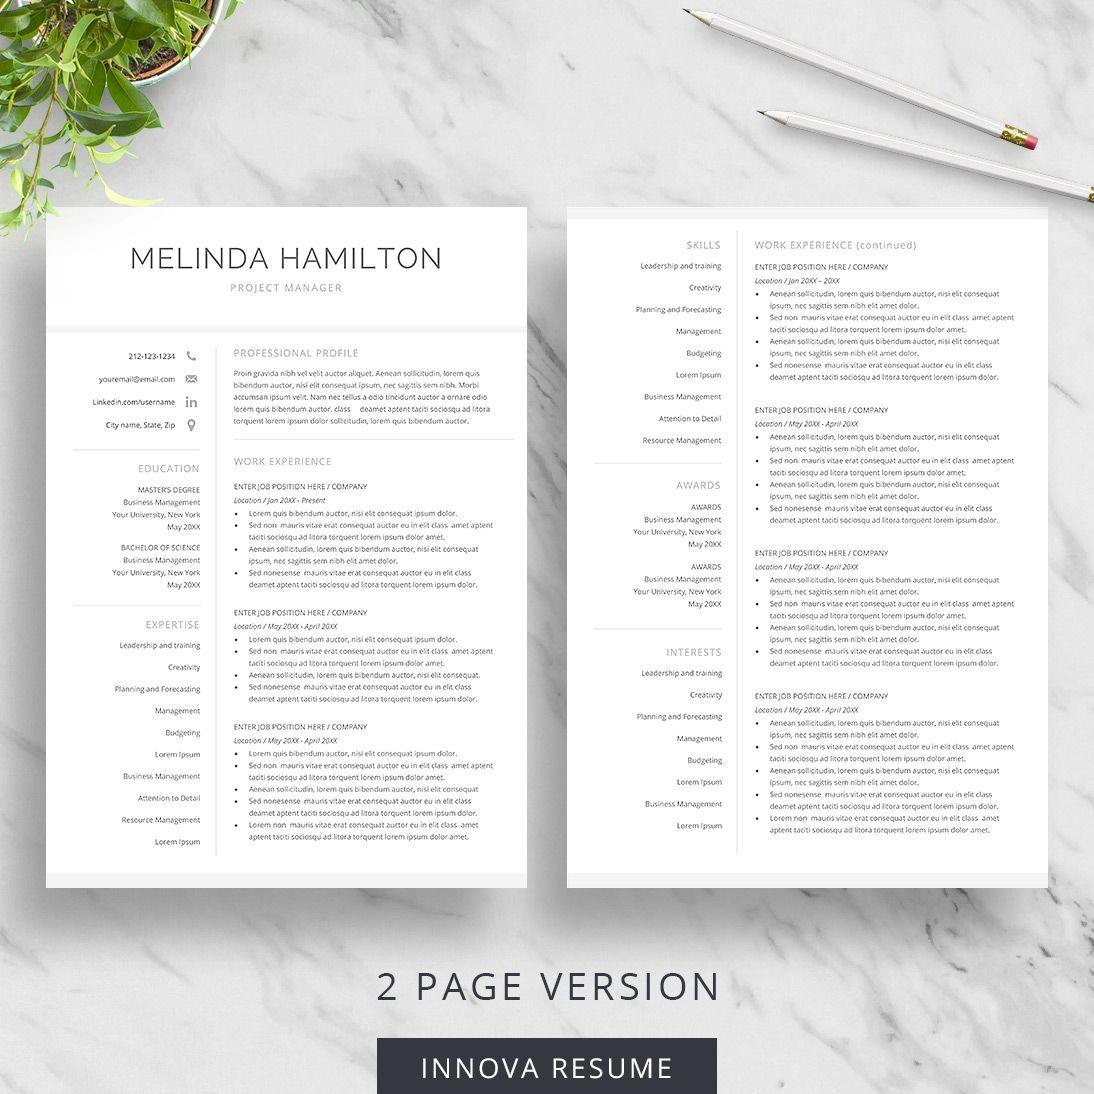 Basic Resume Template For Word Innova Resume Modern Resume Templates Executive Resume Template Simple Resume Template Resume Template Word